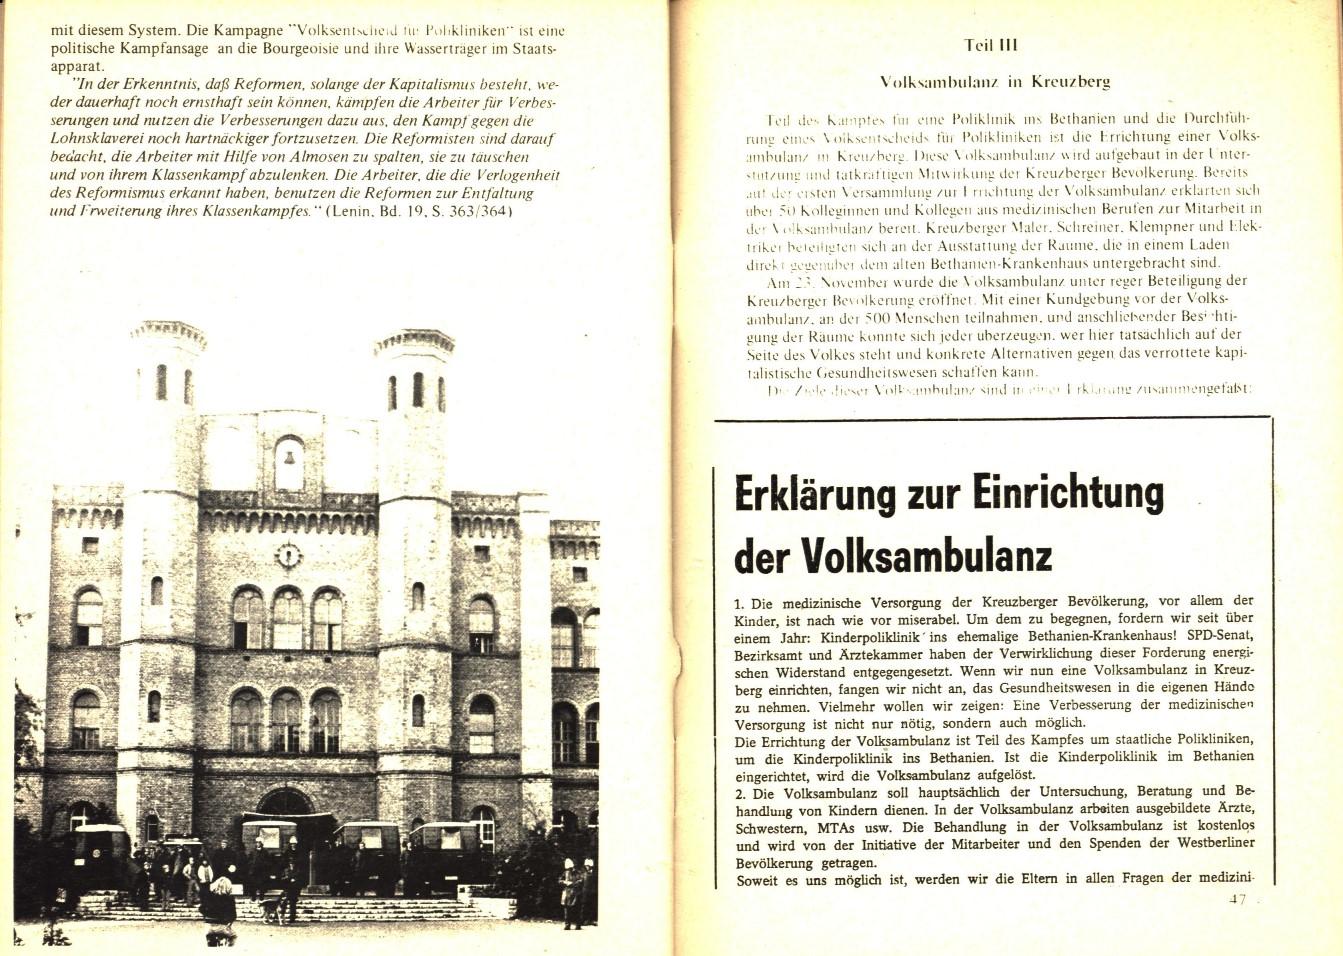 Berlin_KPDAO_1974_Volksentscheid_fuer_Poliklinken_25